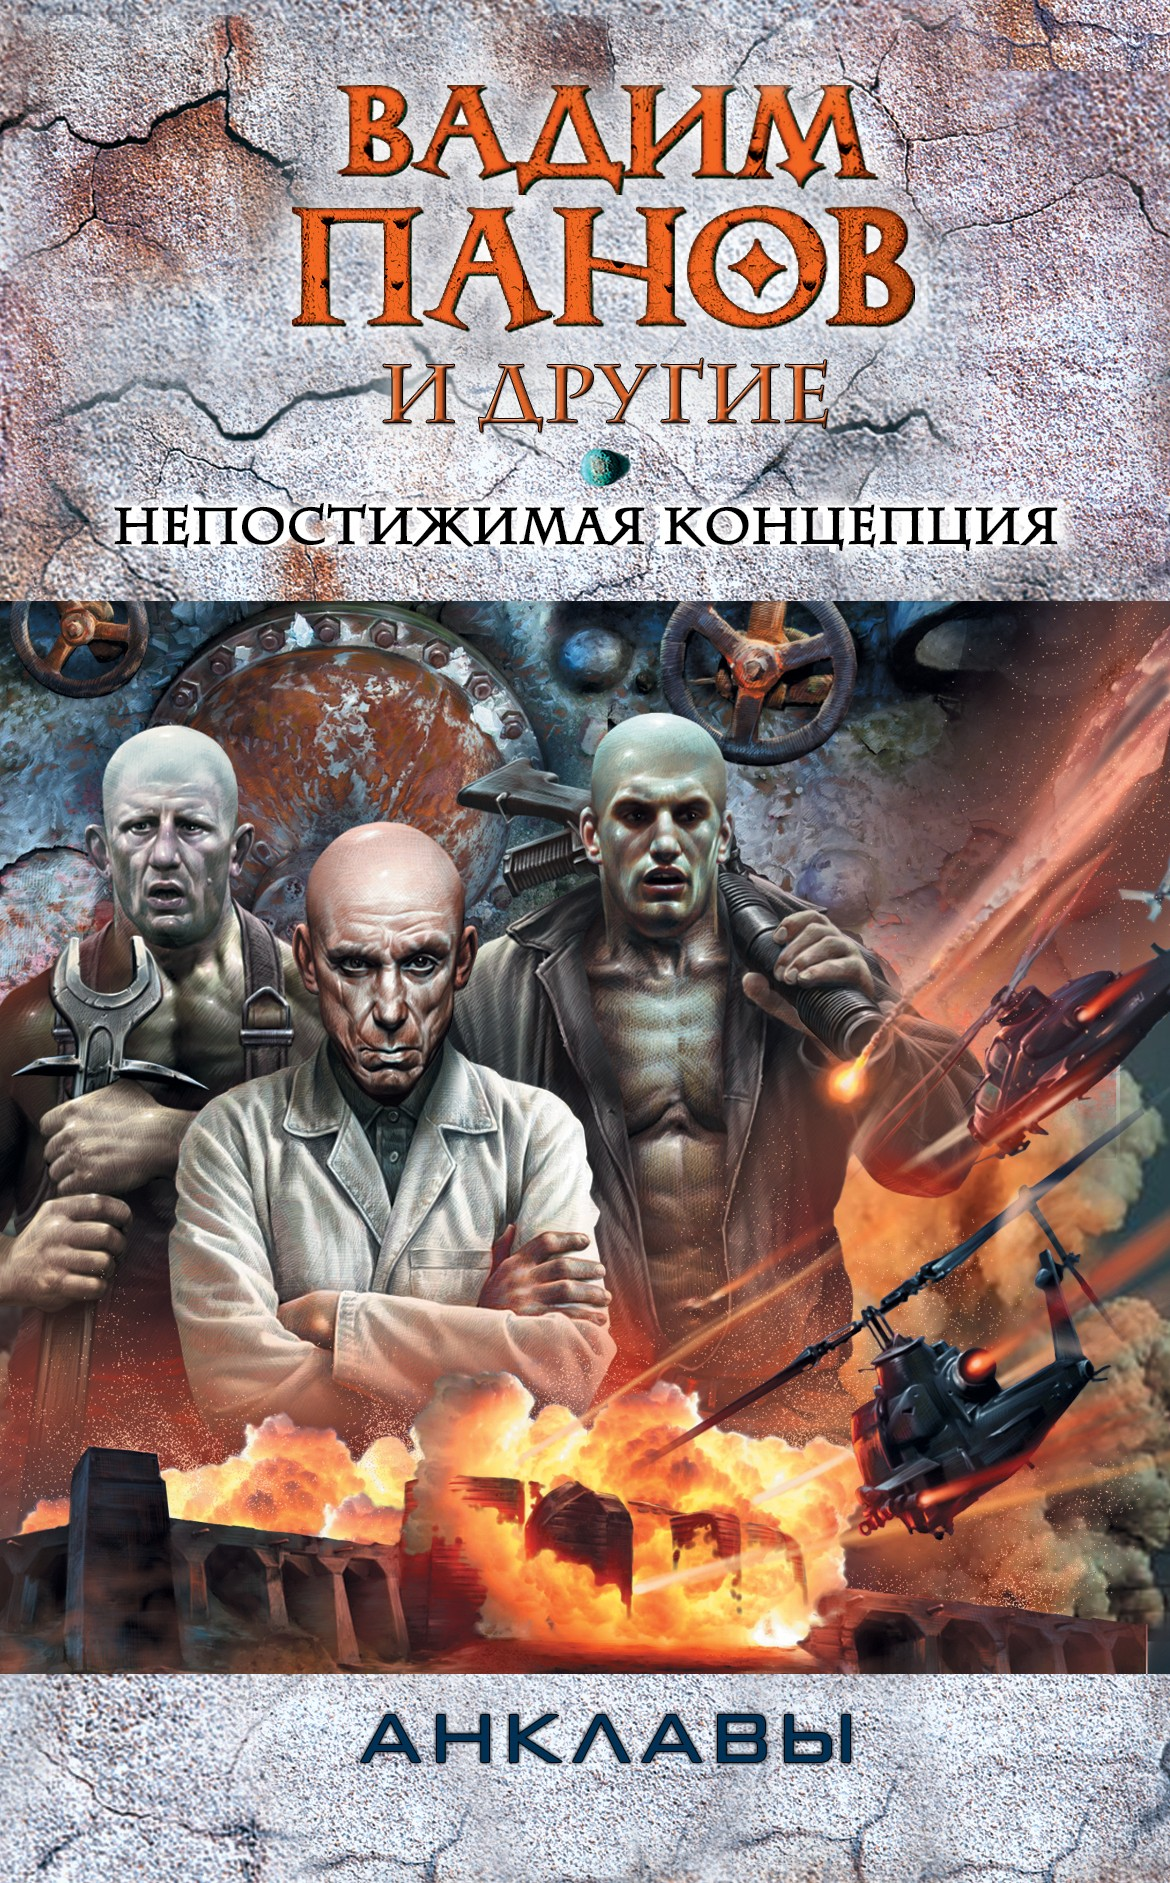 купить Вадим Панов Непостижимая концепция по цене 176 рублей